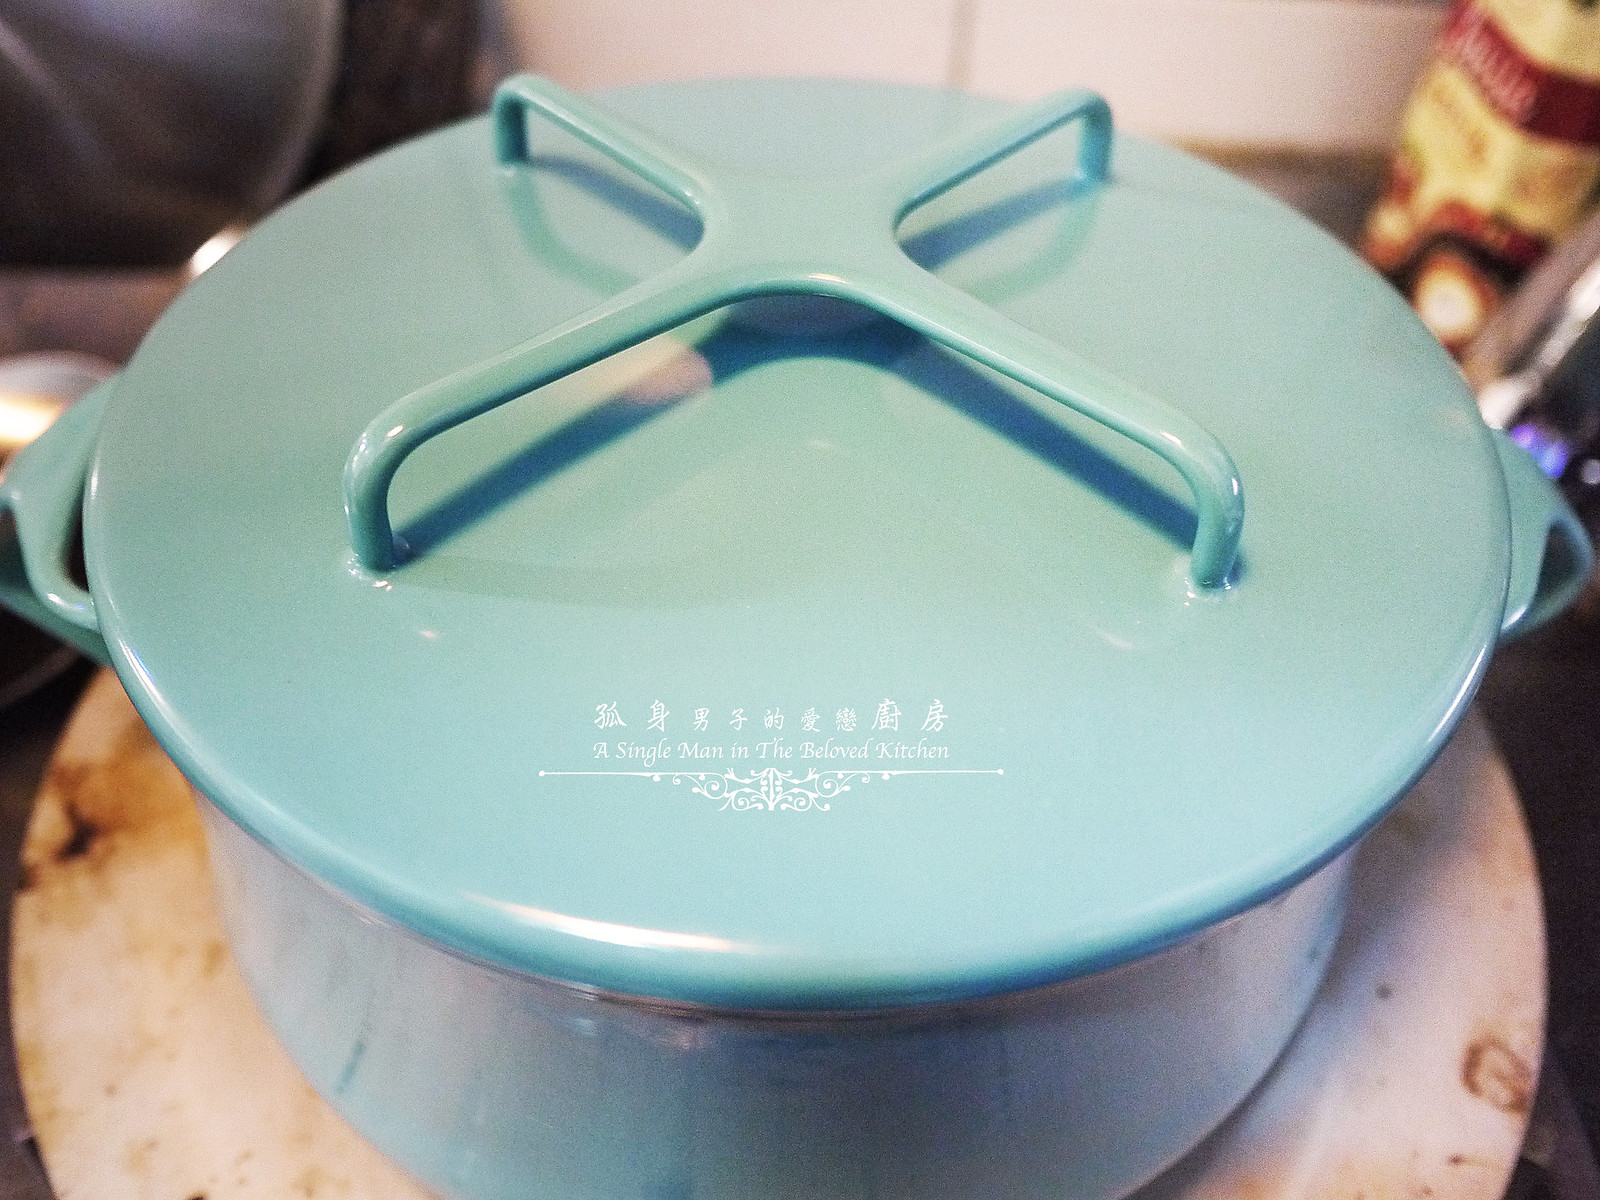 孤身廚房-西洋菜馬鈴薯濃湯20